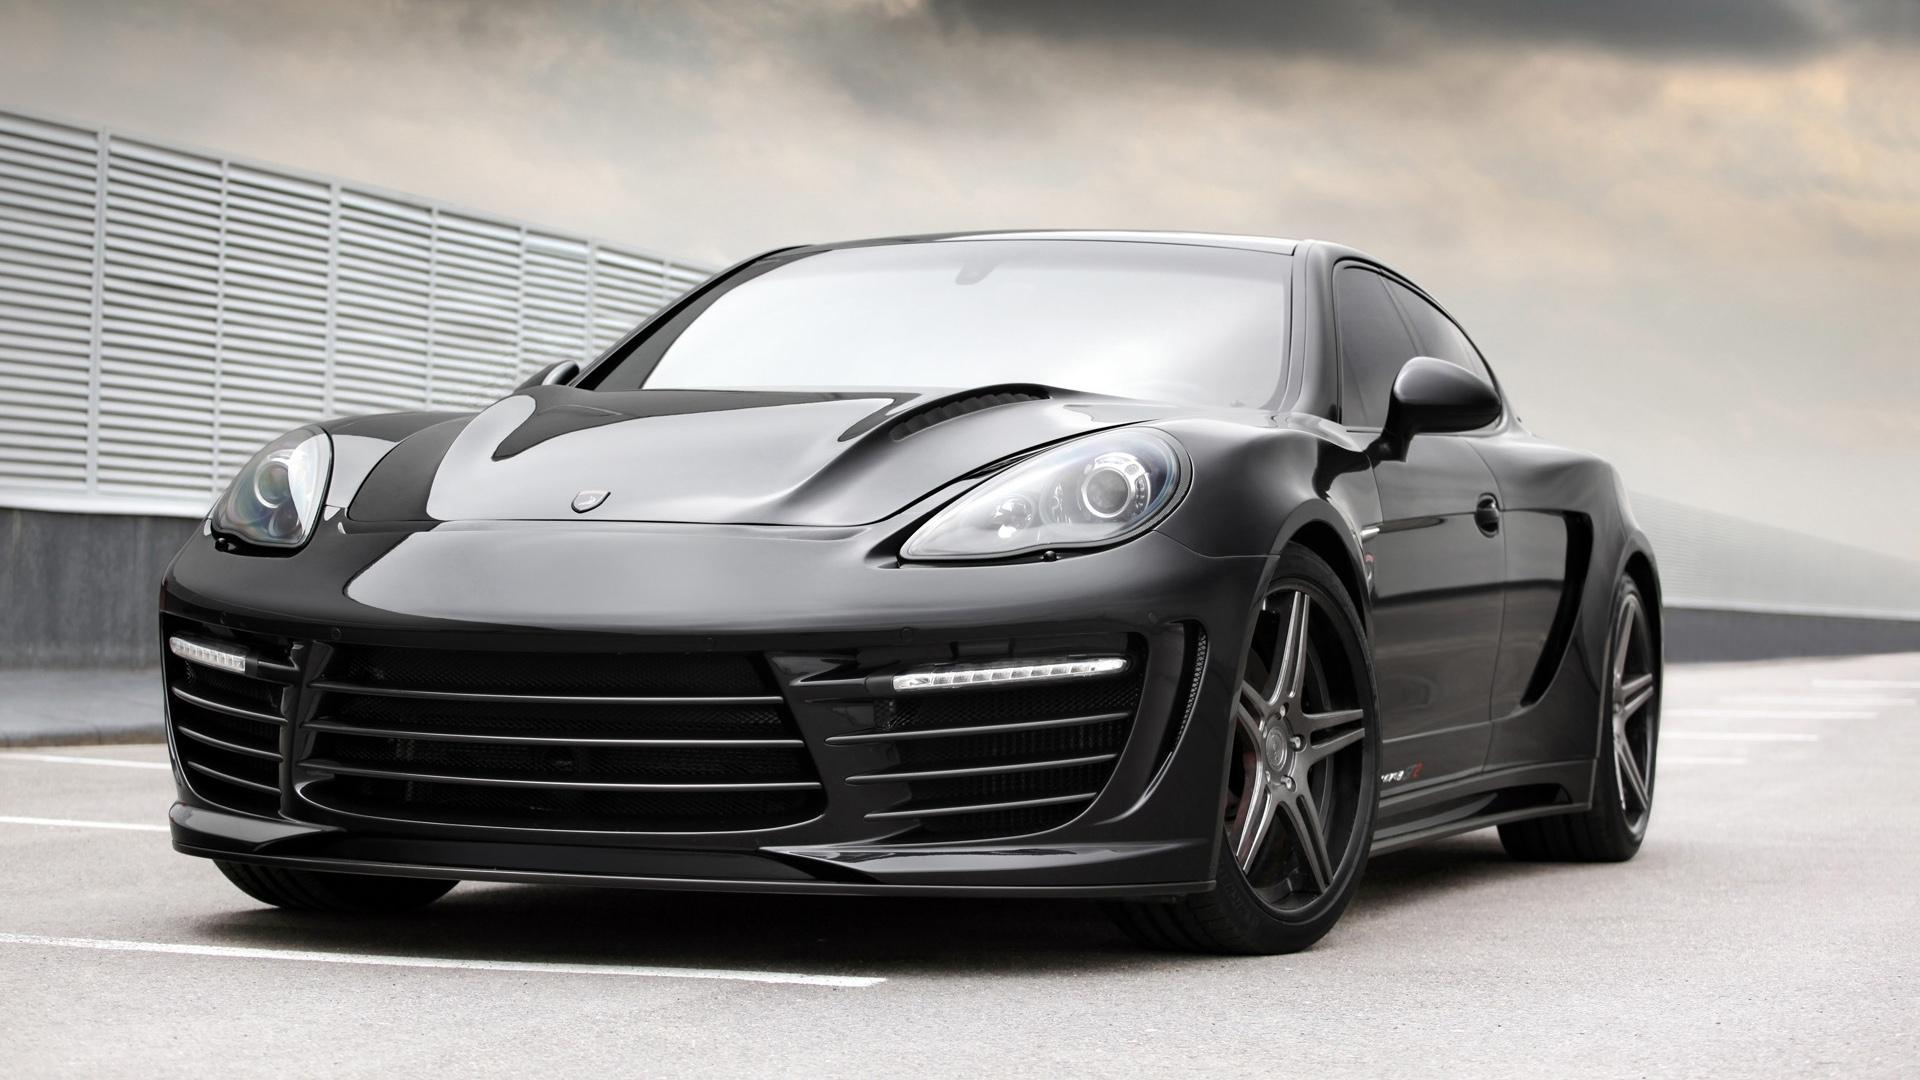 Porsche hd Wallpapers 1080p hd Wallpapers hd 1080p 1920x1080